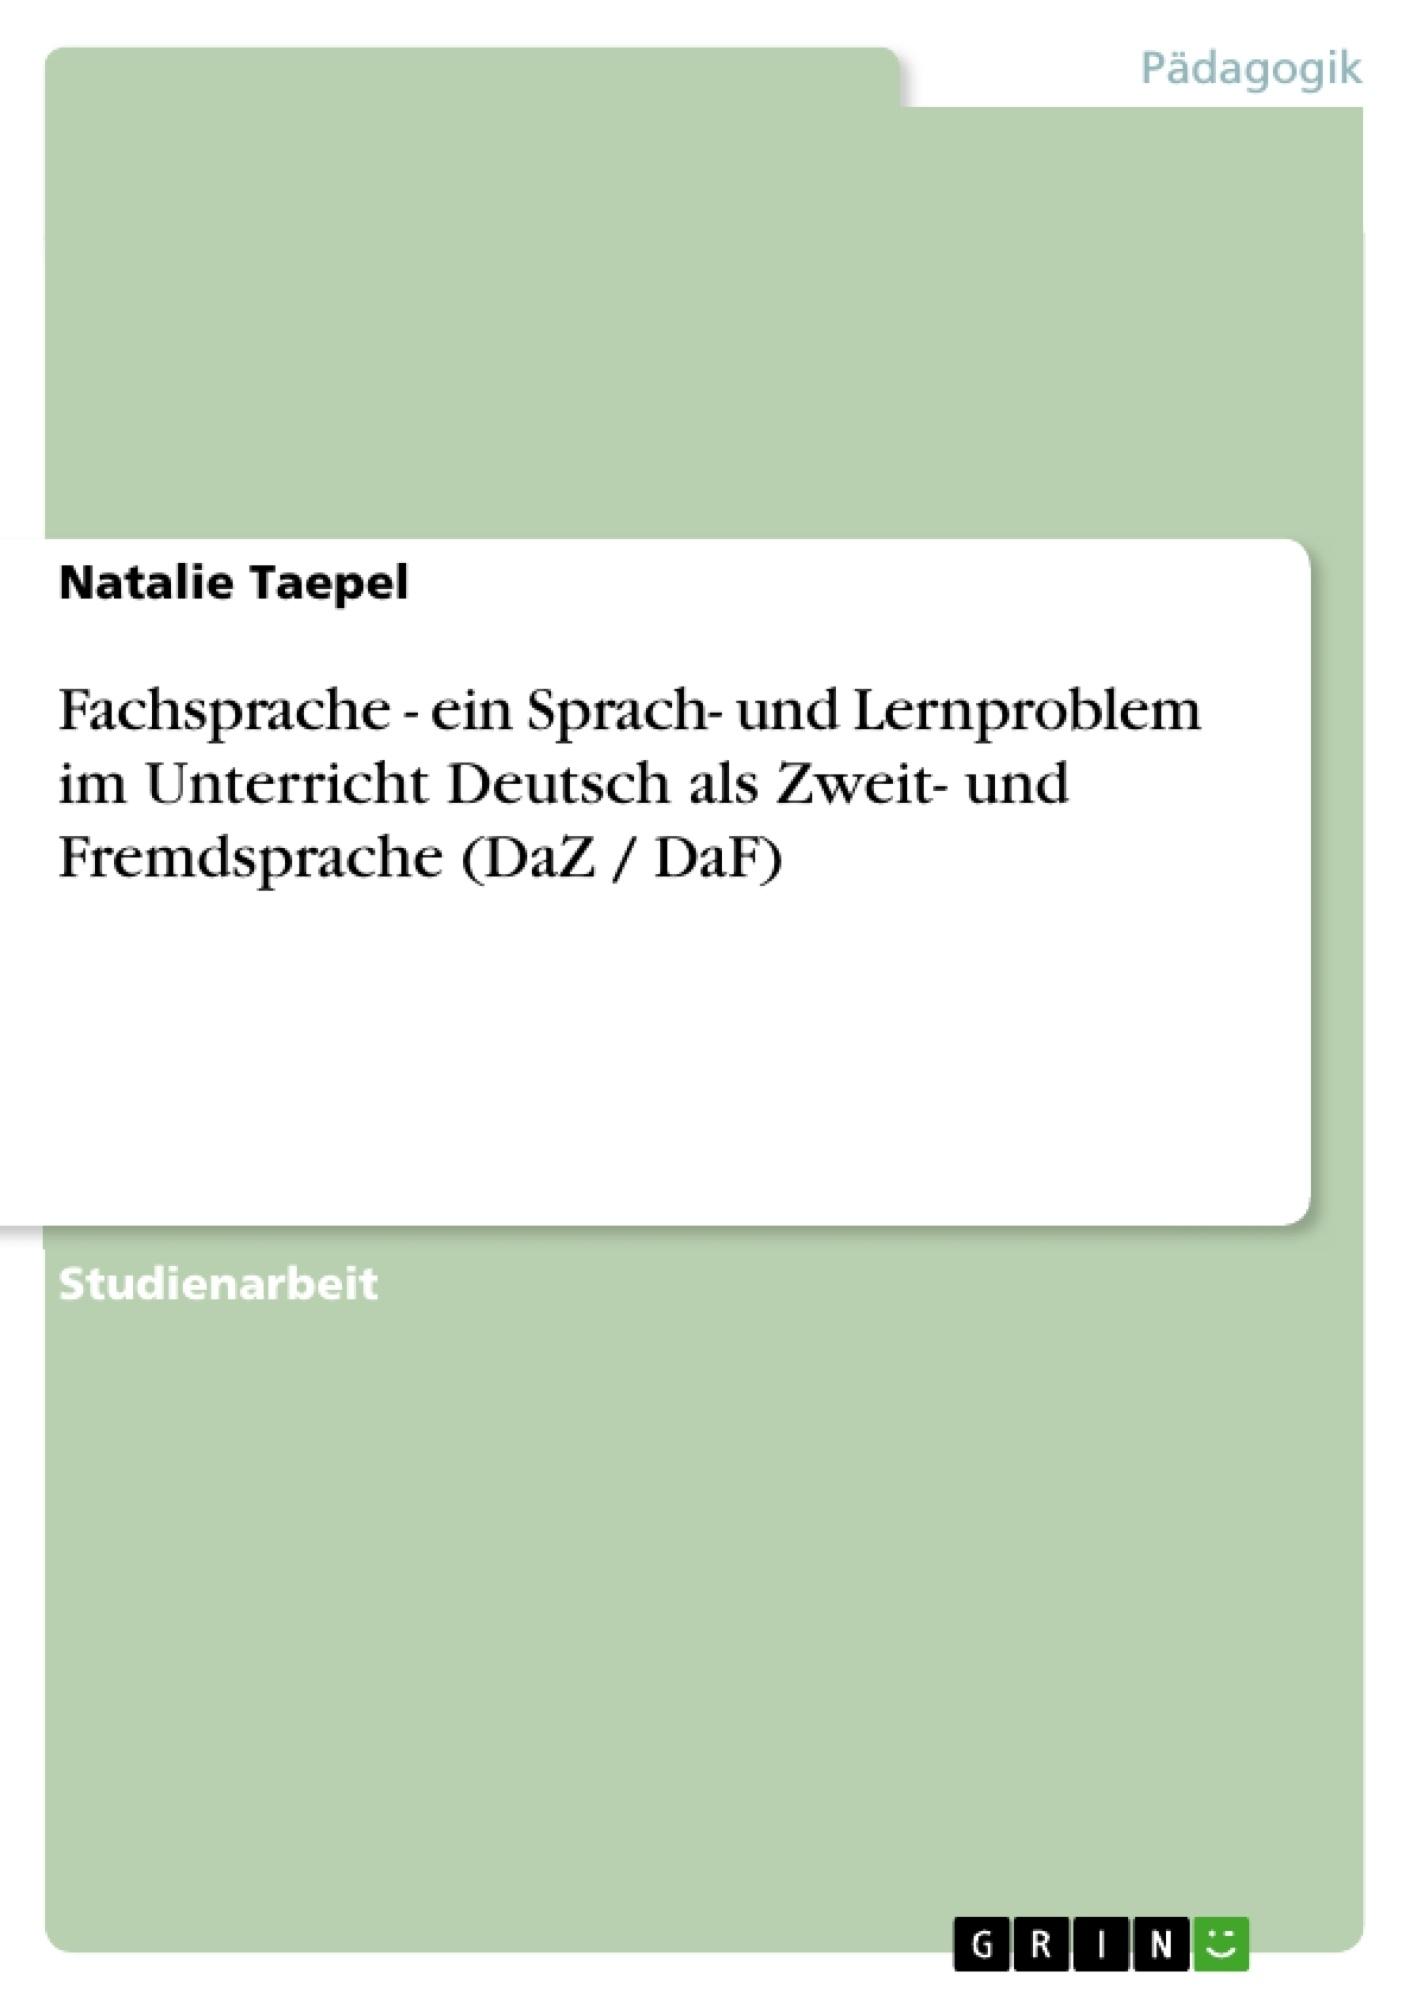 Titel: Fachsprache - ein Sprach- und Lernproblem im Unterricht Deutsch als Zweit- und Fremdsprache (DaZ / DaF)